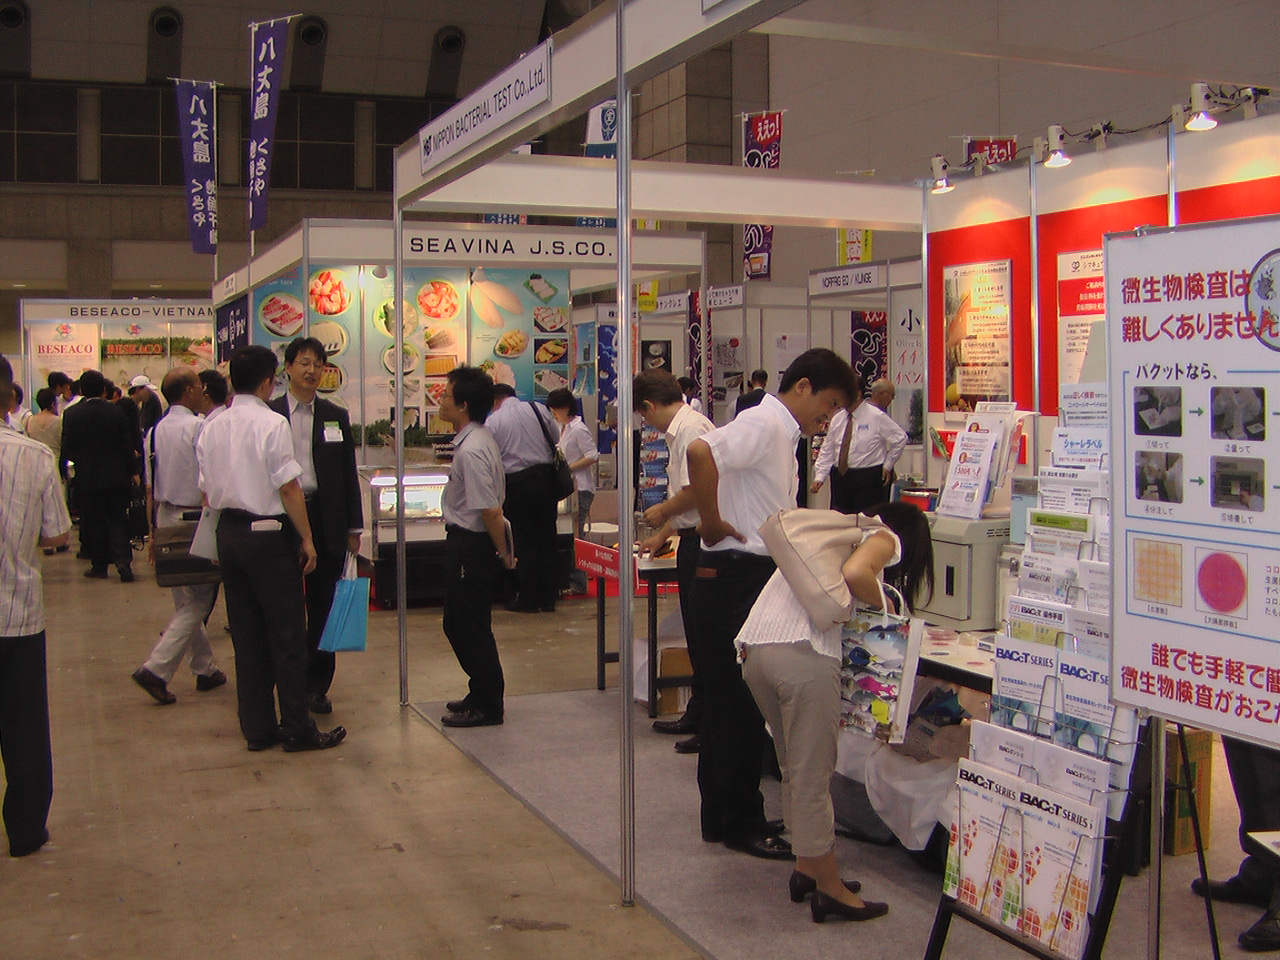 第13回ジャパン・インターナショナル・シーフードショー/The 13th Japan International Seafood & Technology Expo